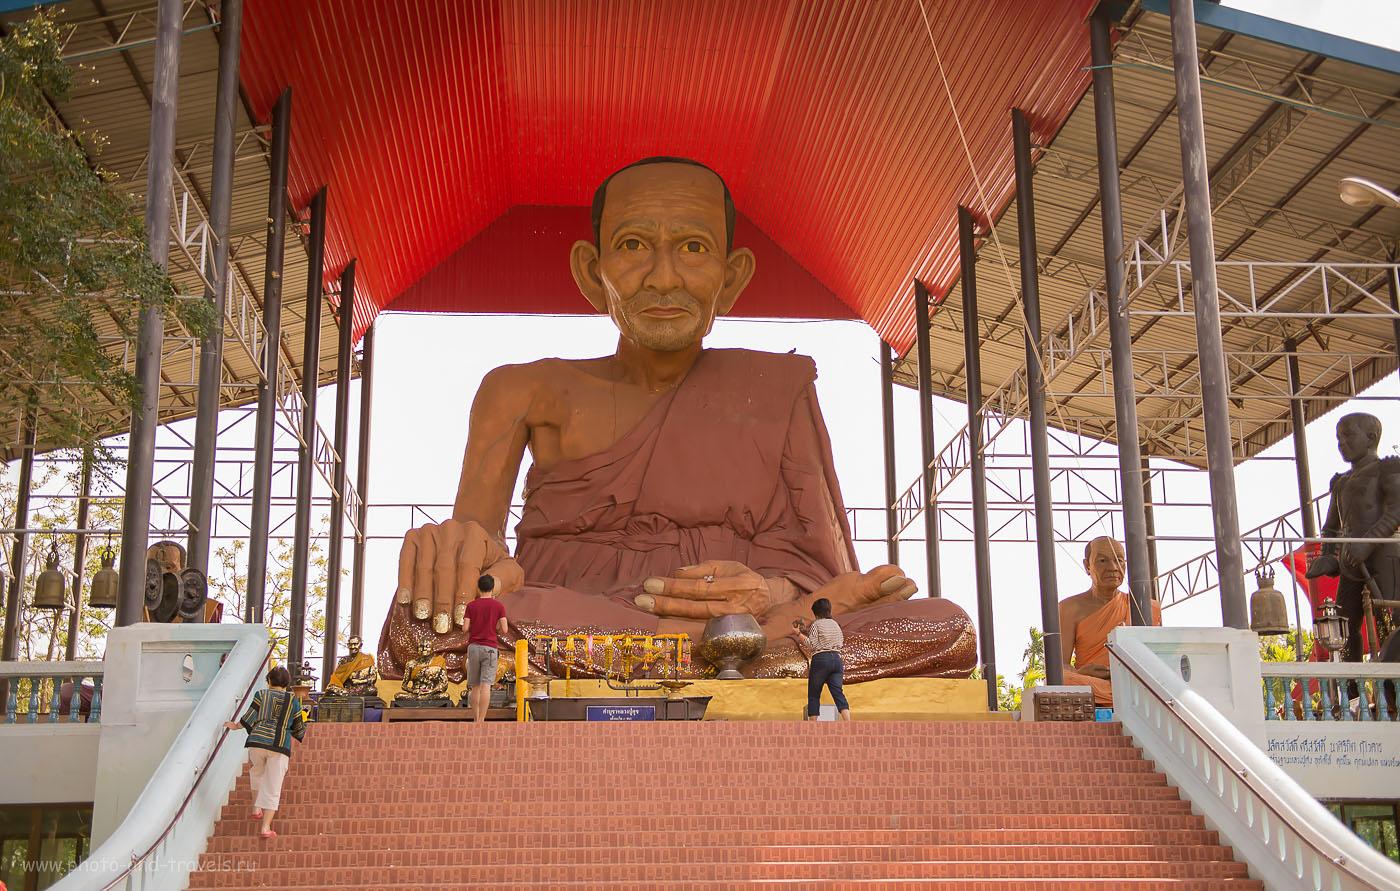 Фото 16. Великий Ушастик в храме Wat Na Yang. Тур по Таиланду за рулем автомобиля, взятого напрокат.